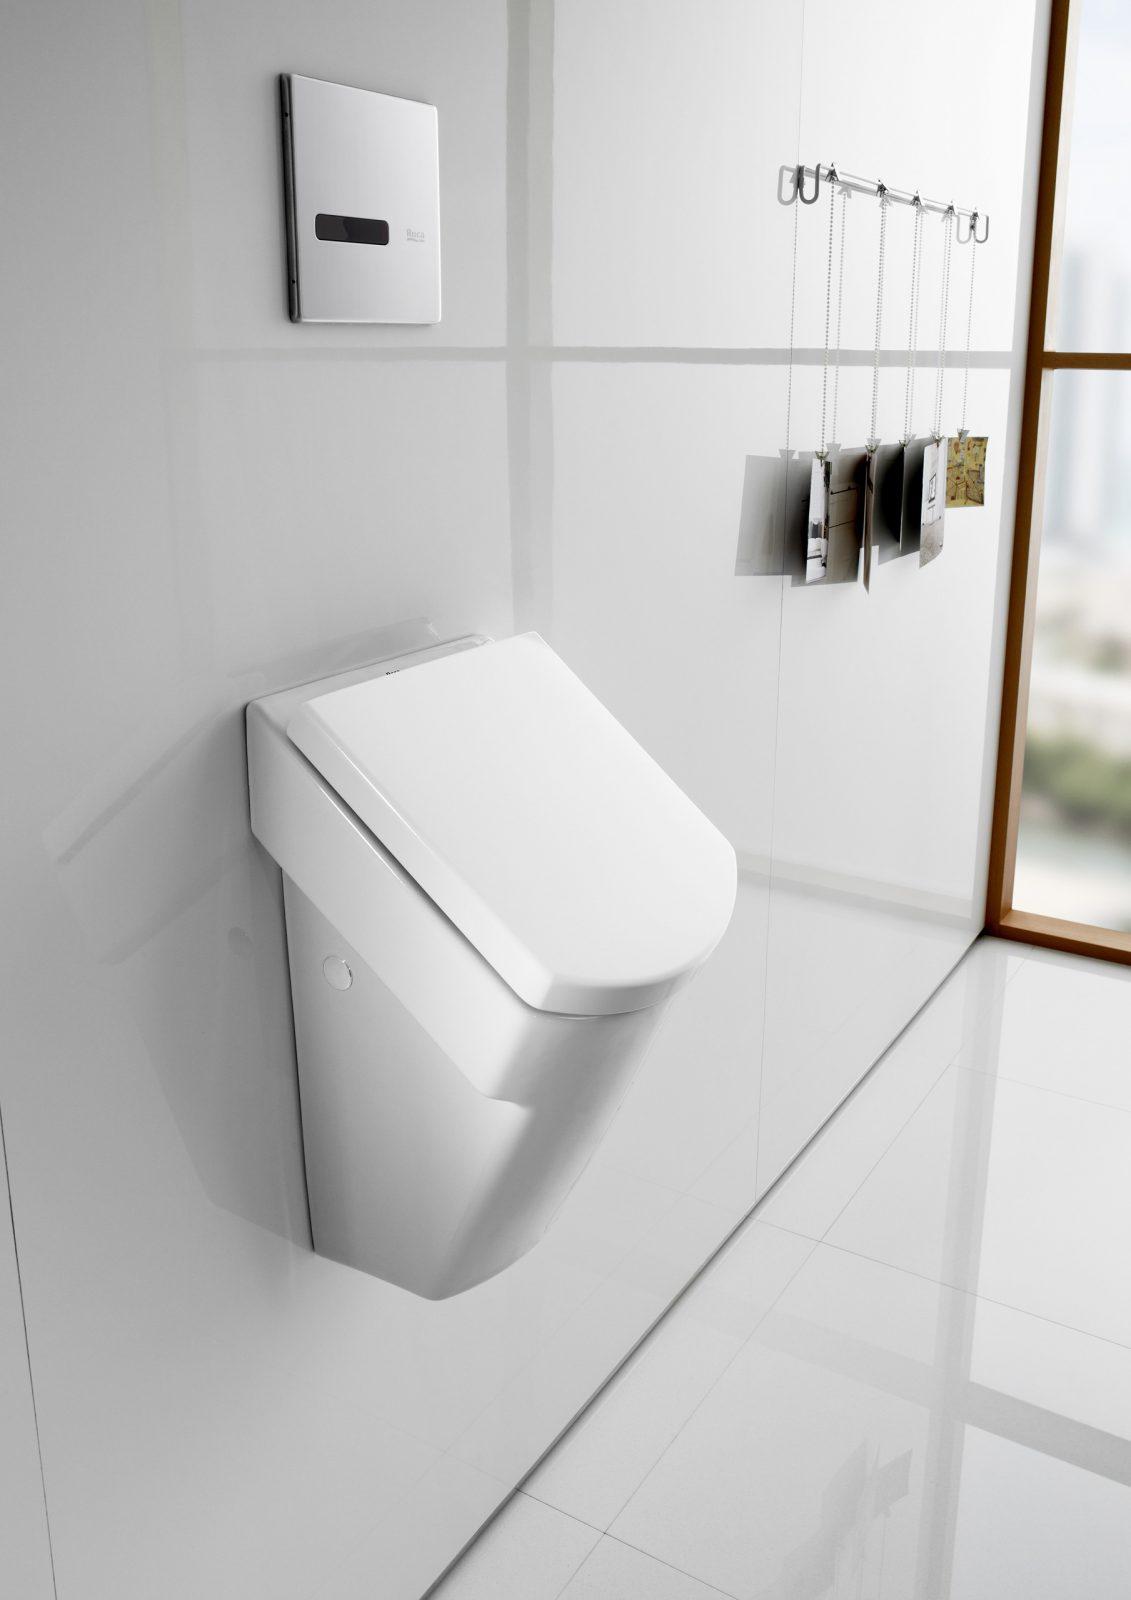 Salle De Bain Urinoir ~ fiche produit de la salle de bains urinoir domestique